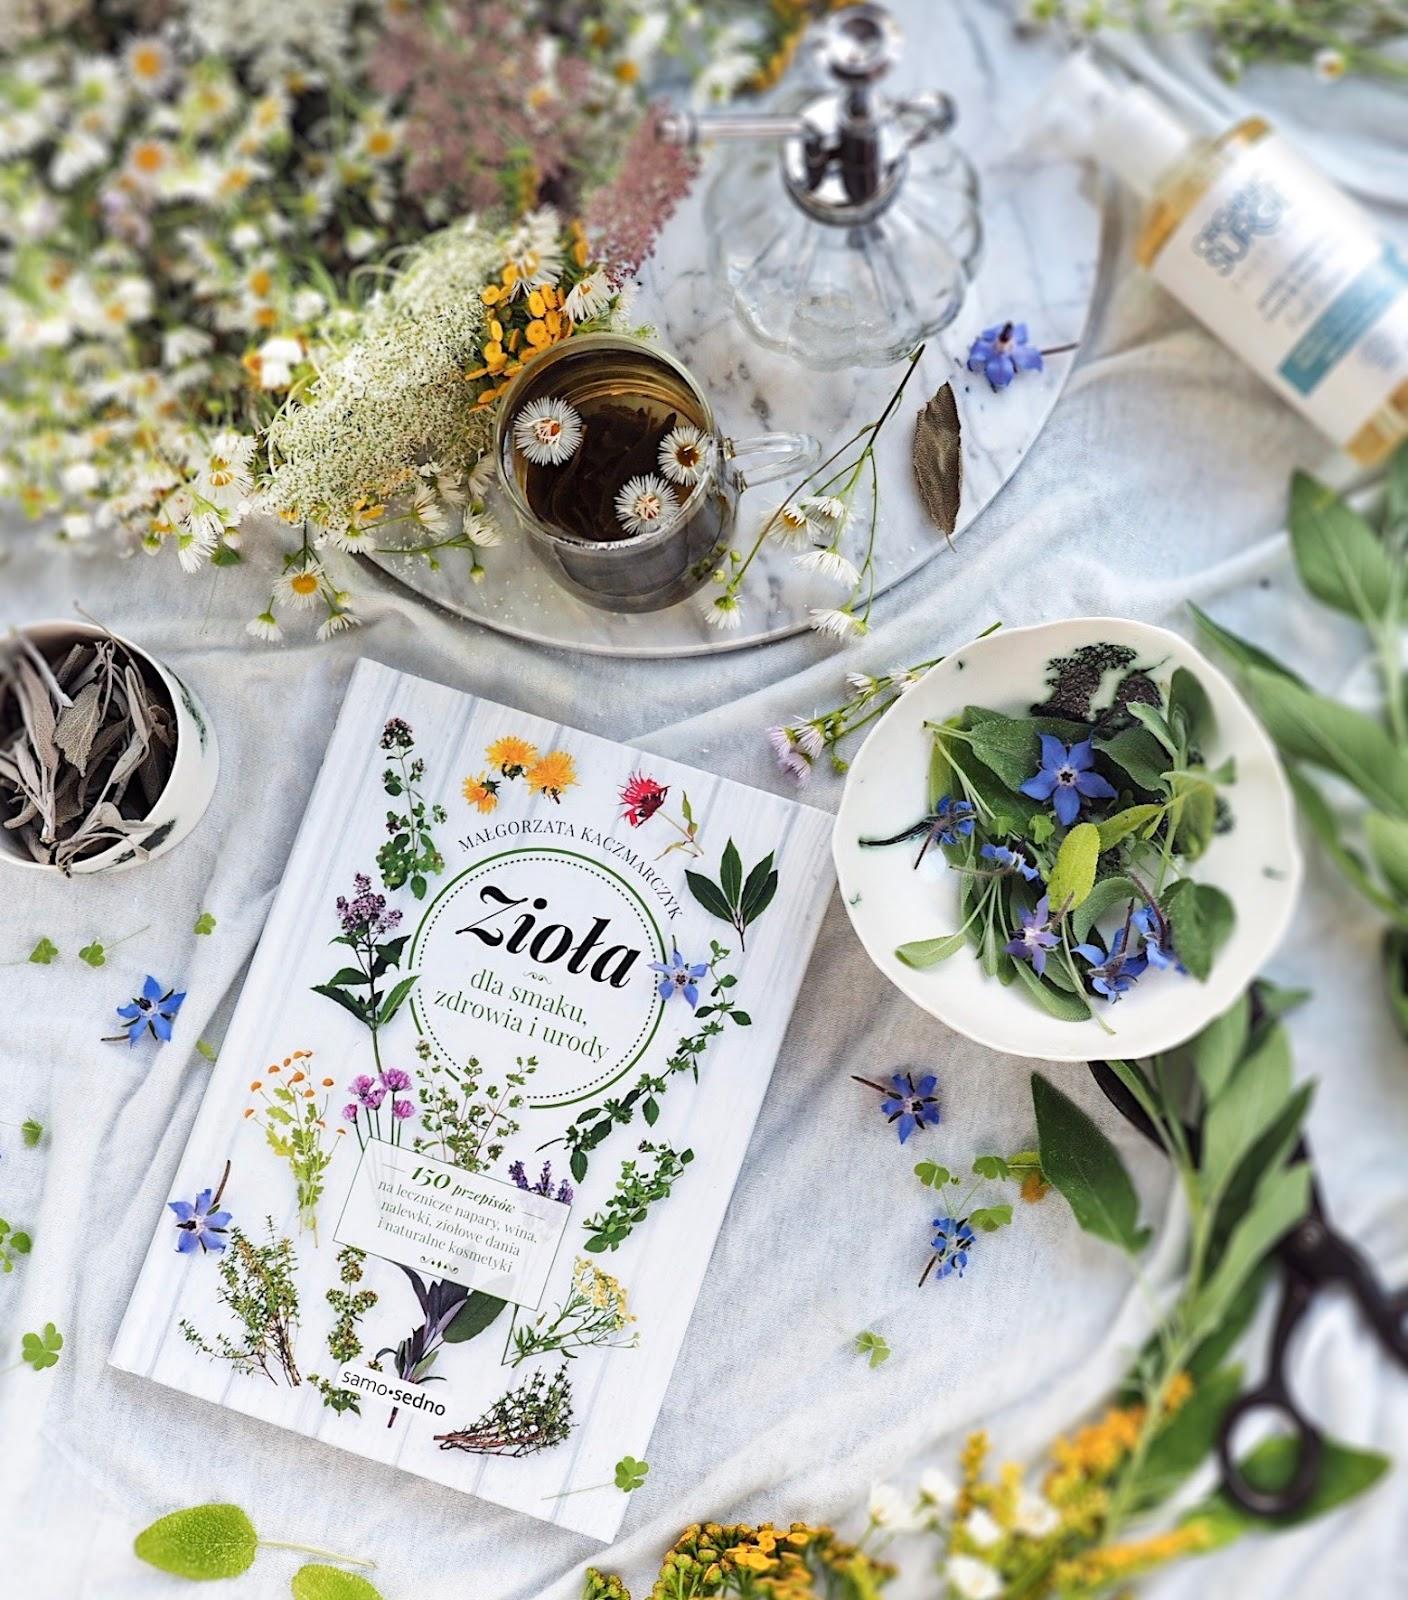 Zioła dla smaku, zdrowia i urody - recenzja książki